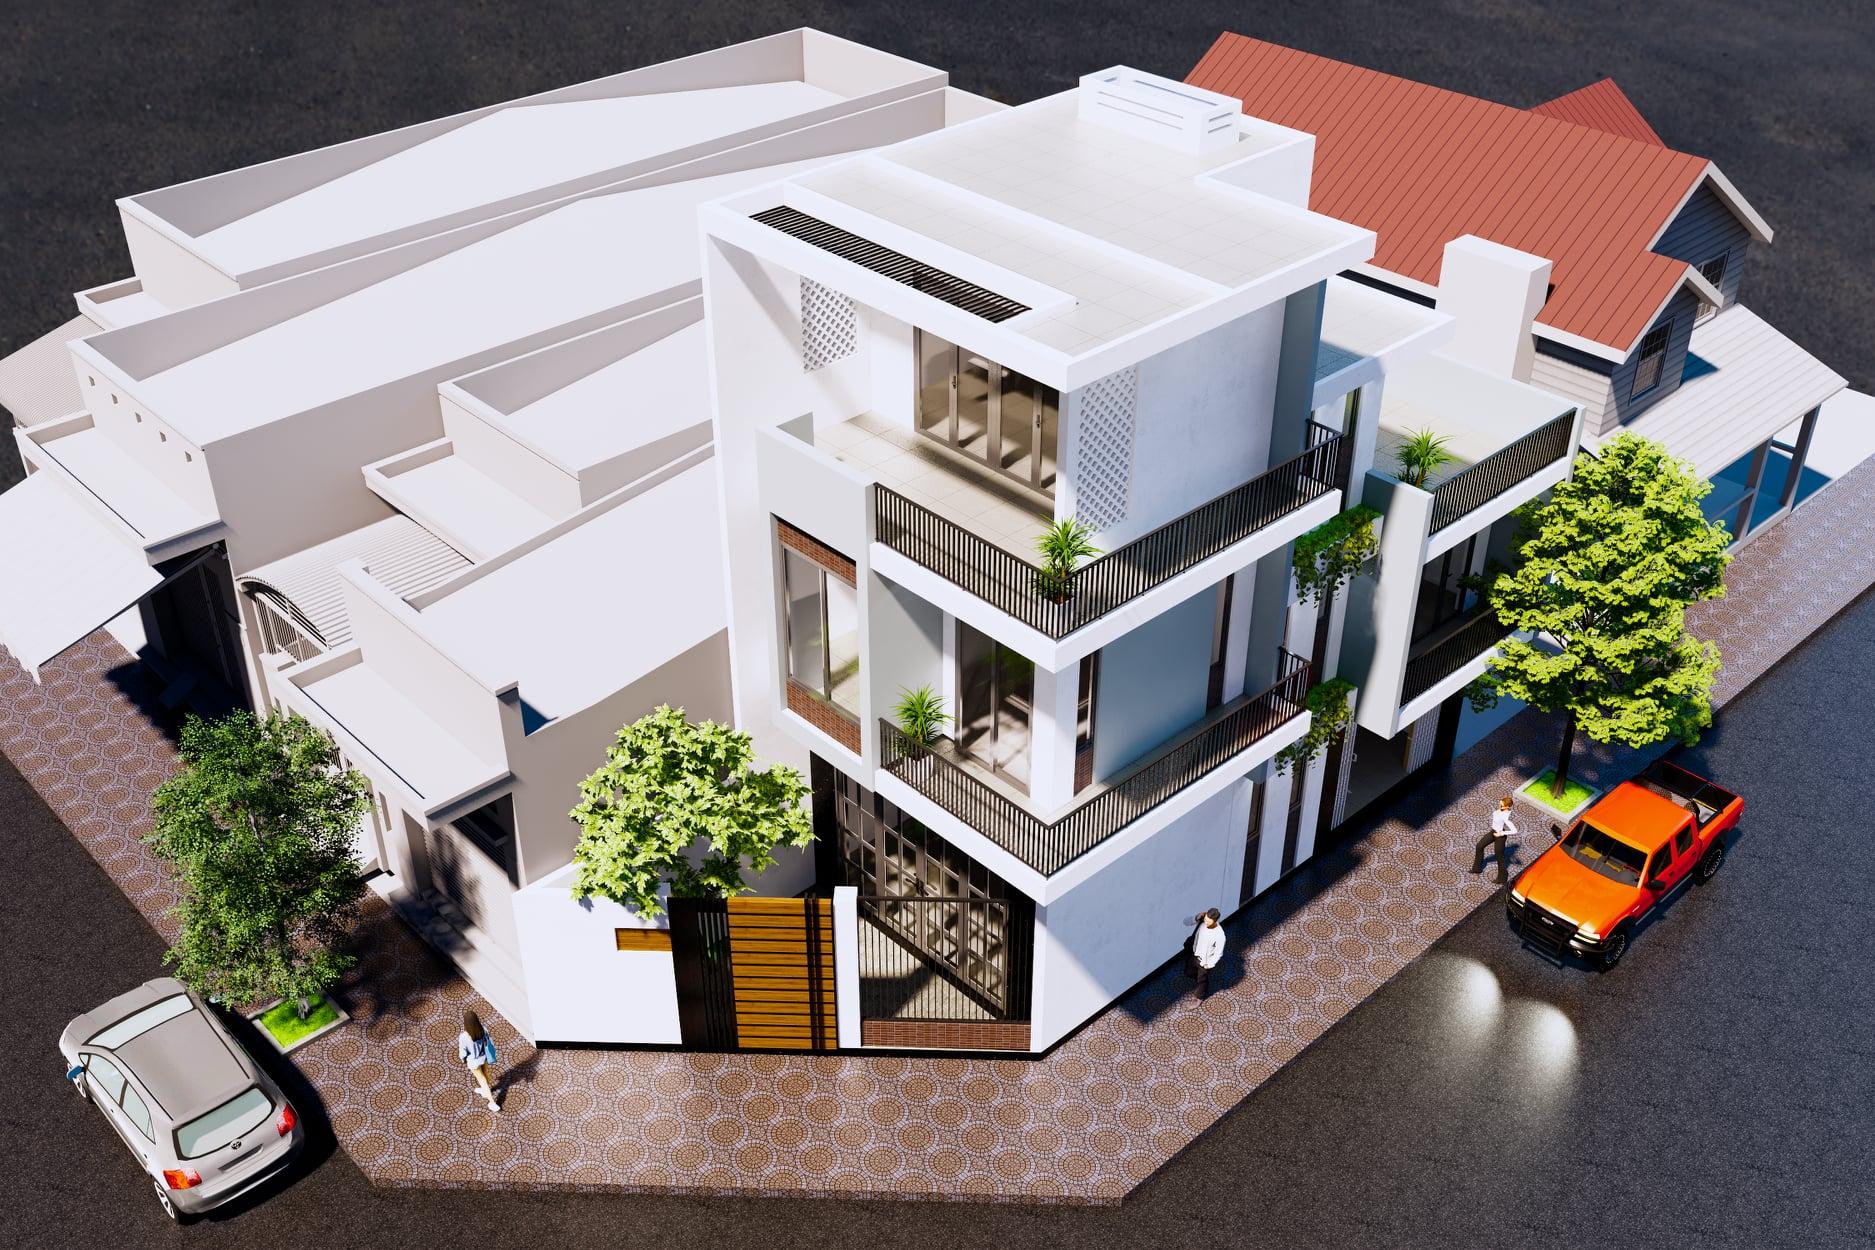 Phối cảnh nhà phố nhỏ 2 mặt tiền hiện đại mới nhất 2021